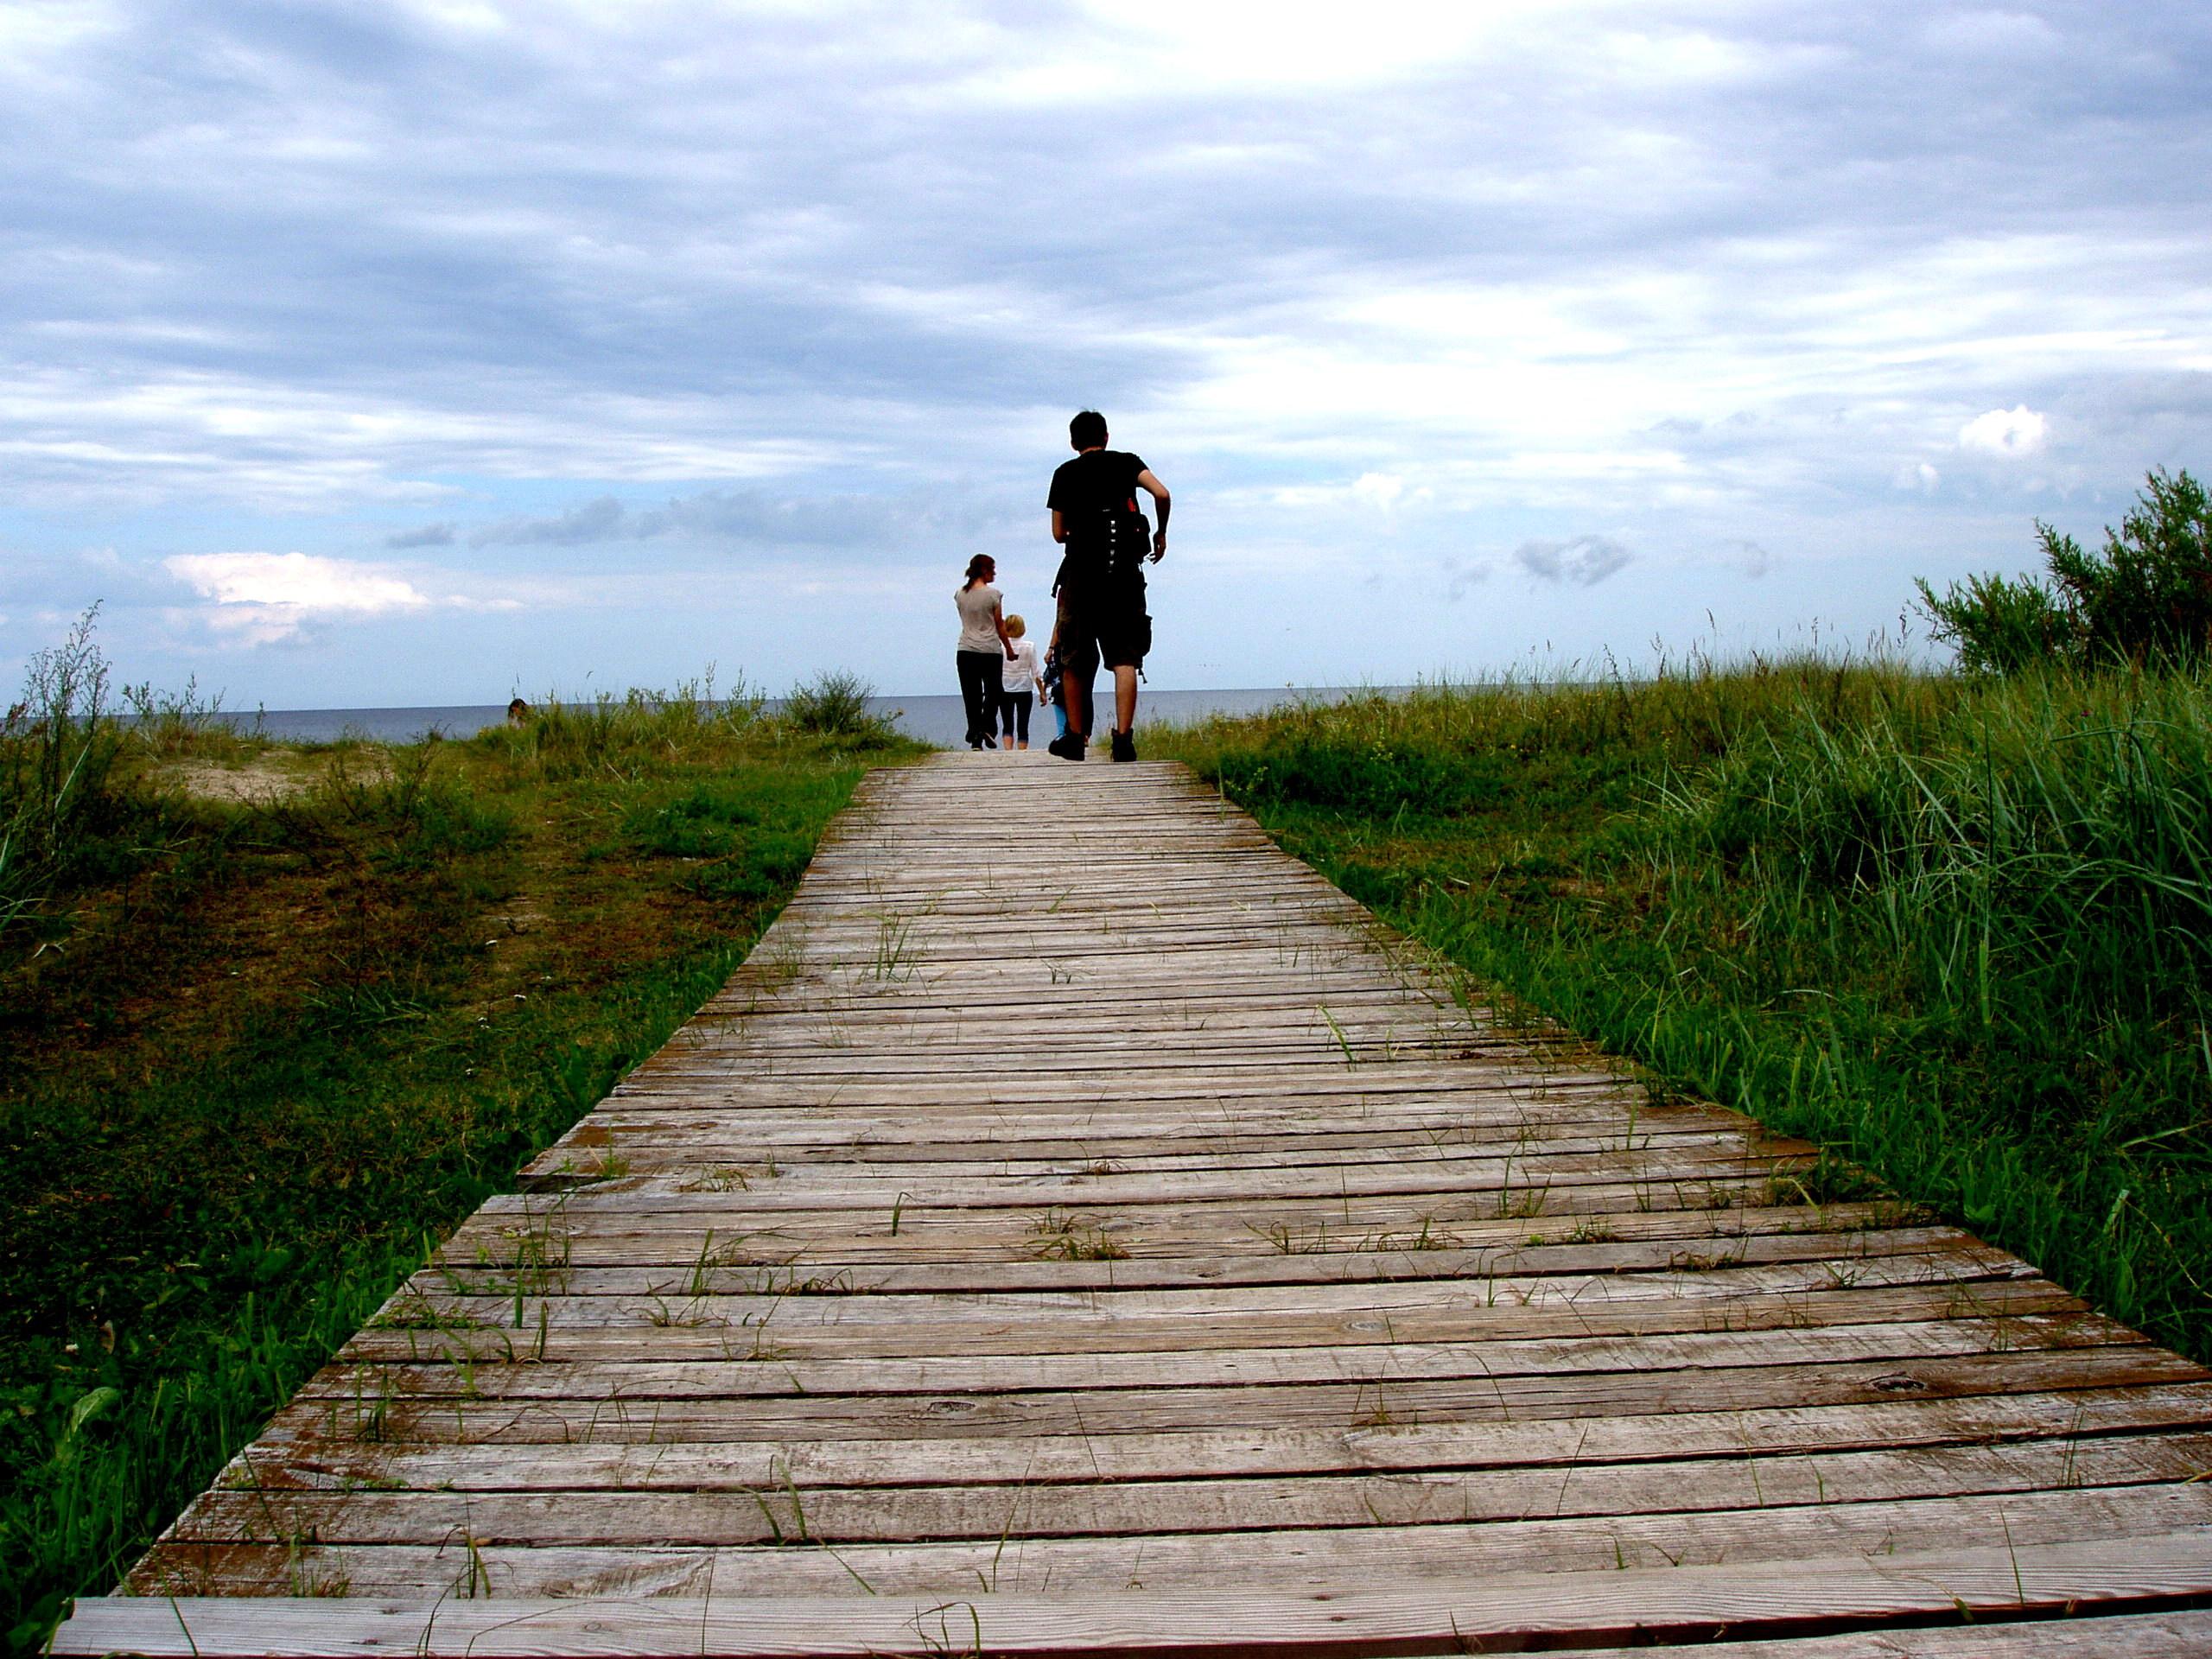 dřevěné cestičky vedoucí k moři